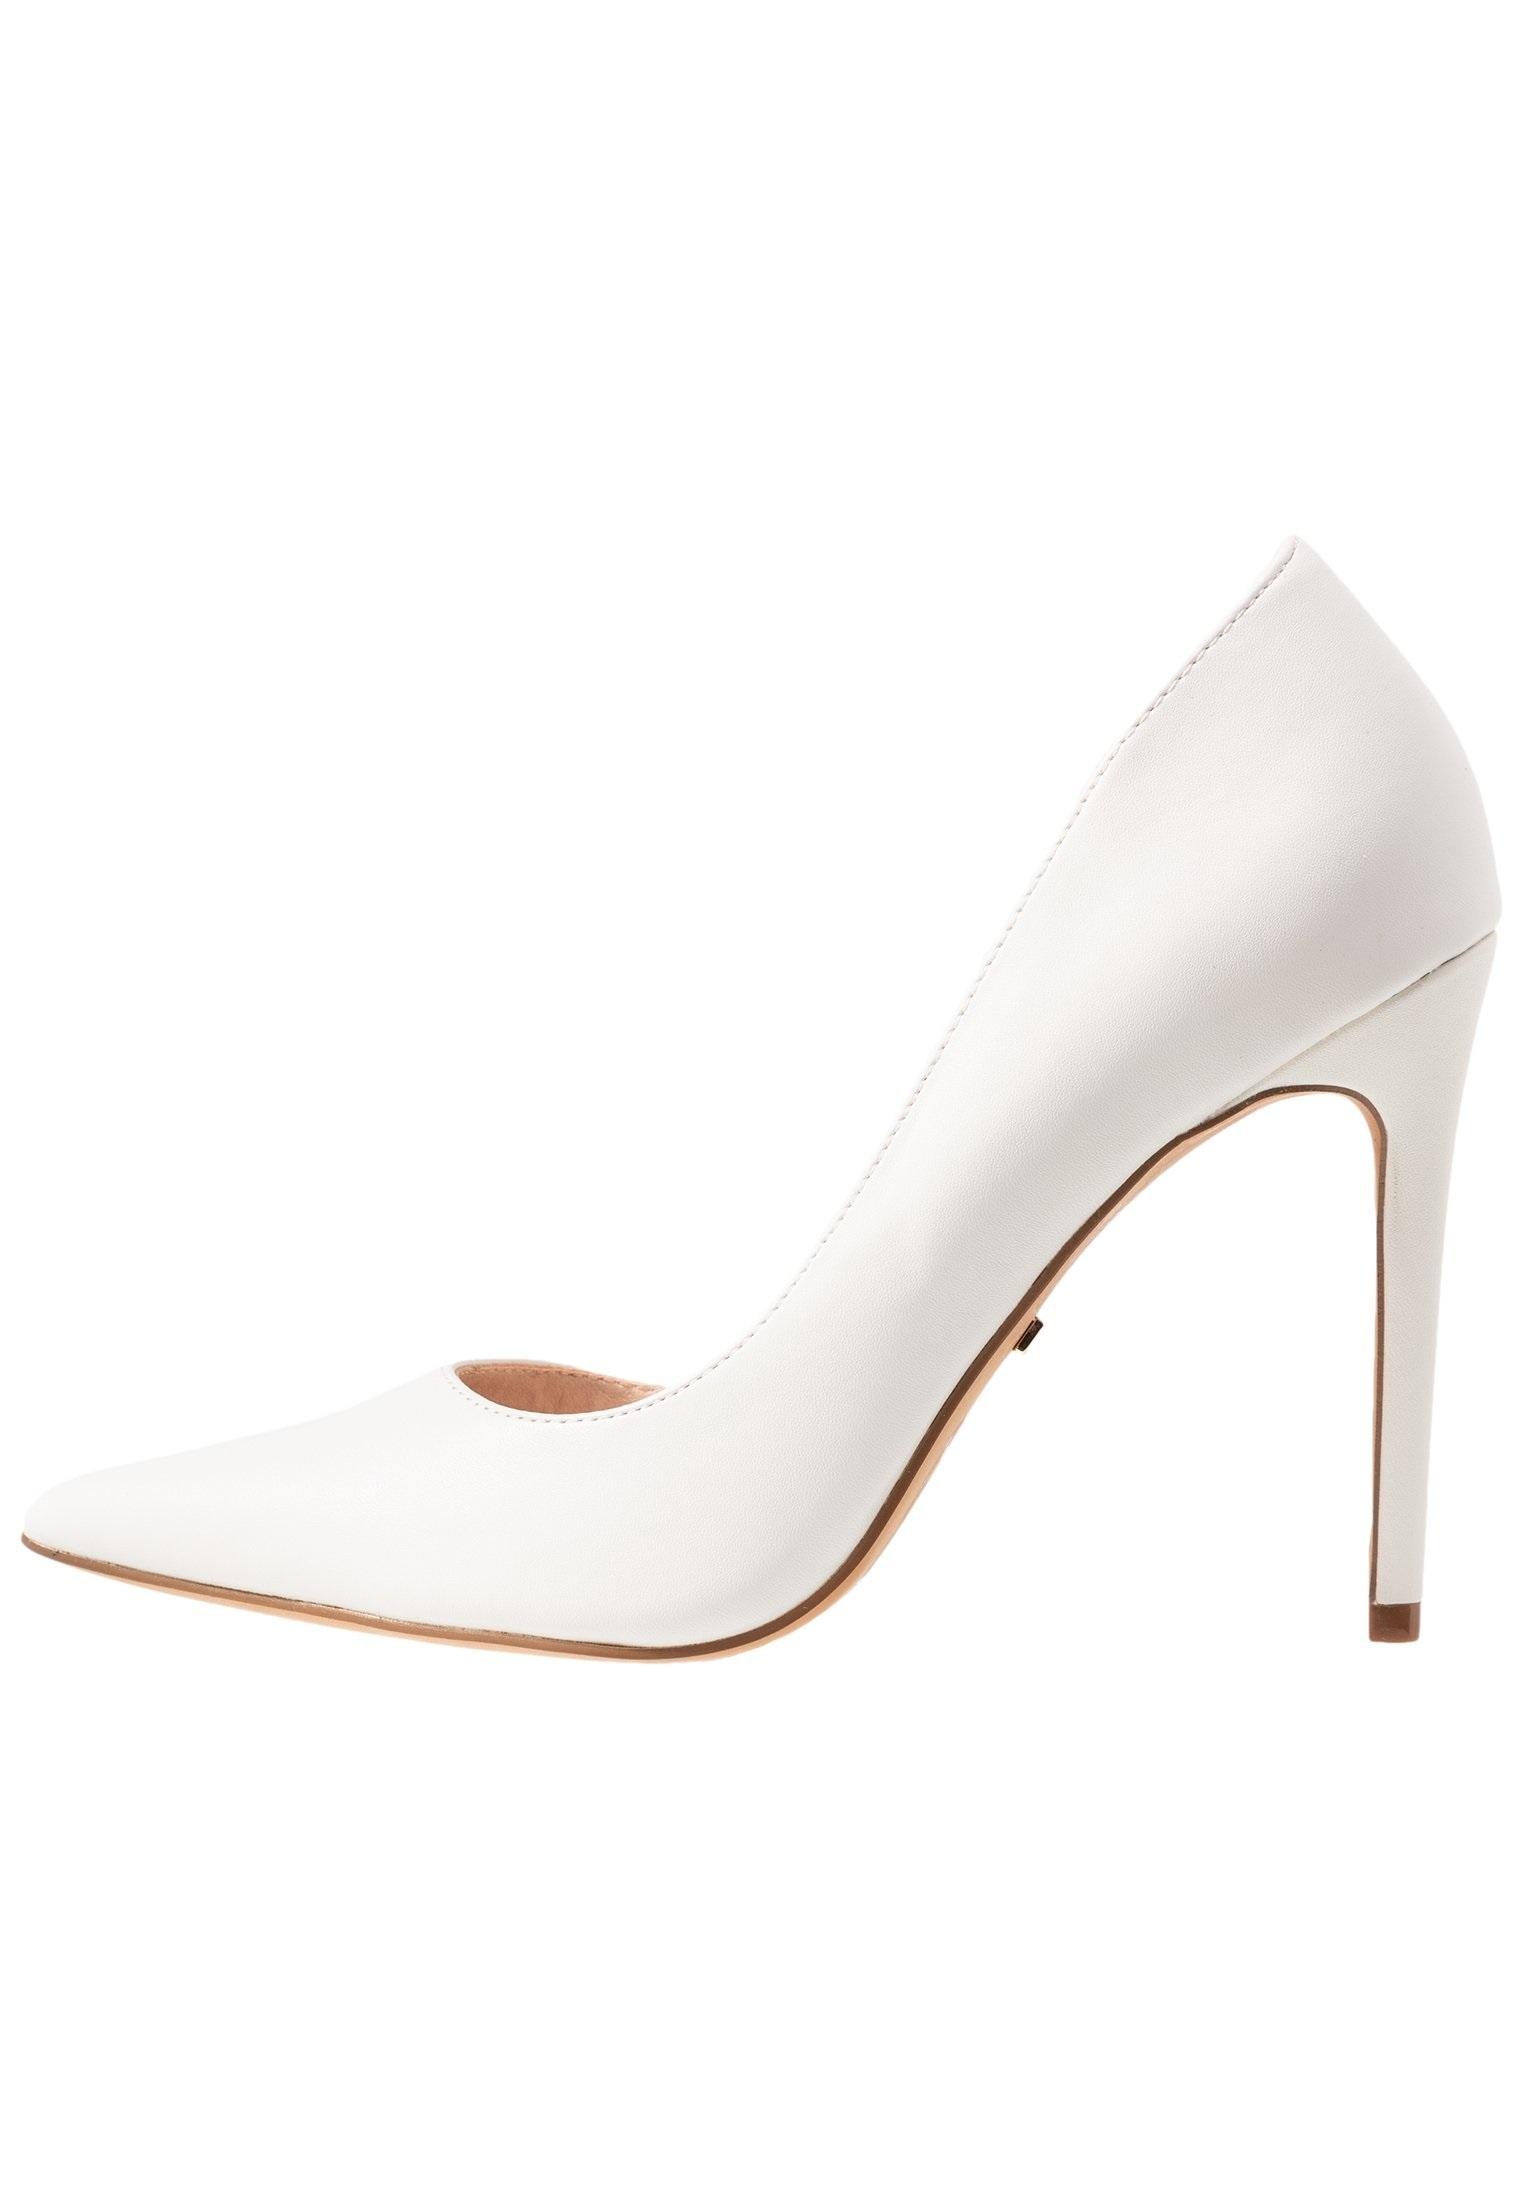 Stilettos blancos, de TopShop (49,95 euros).